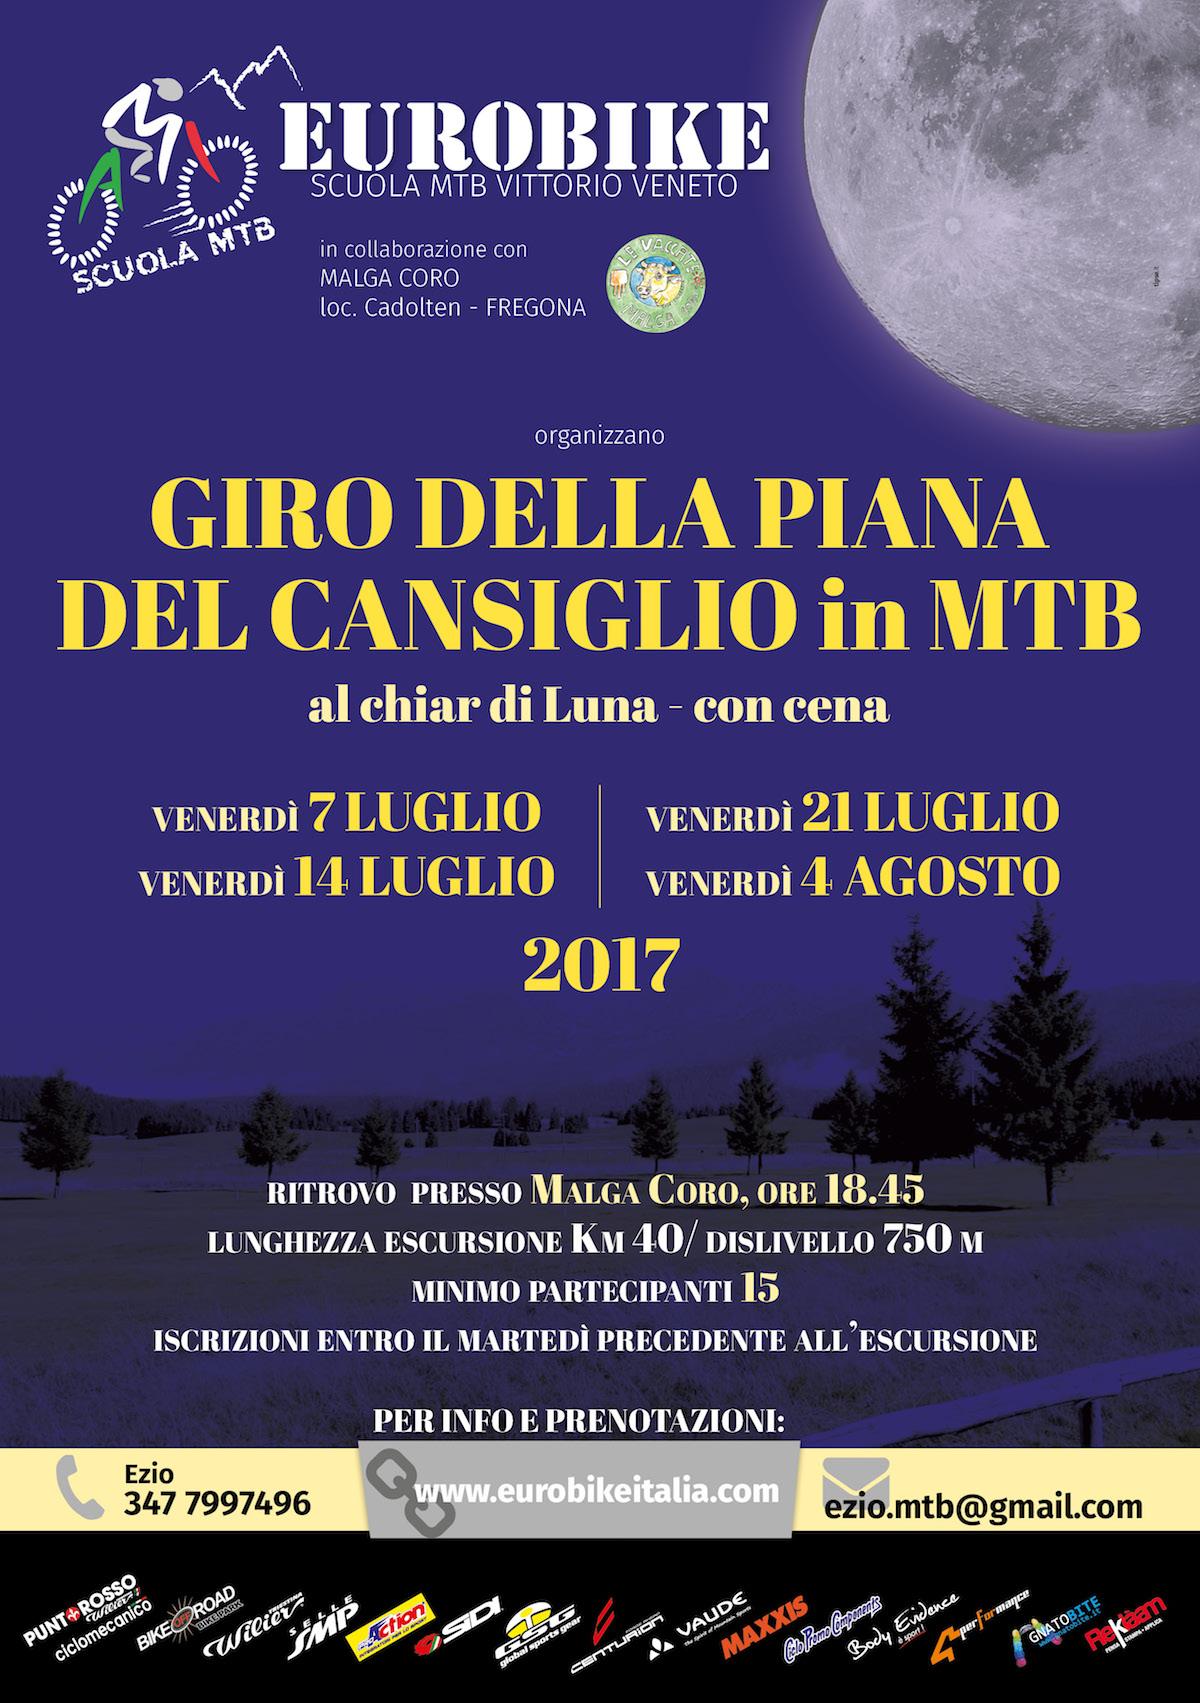 Calendario Luglio Agosto.Cansiglio Al Chiar Di Luna Calendario Luglio Agosto 2017